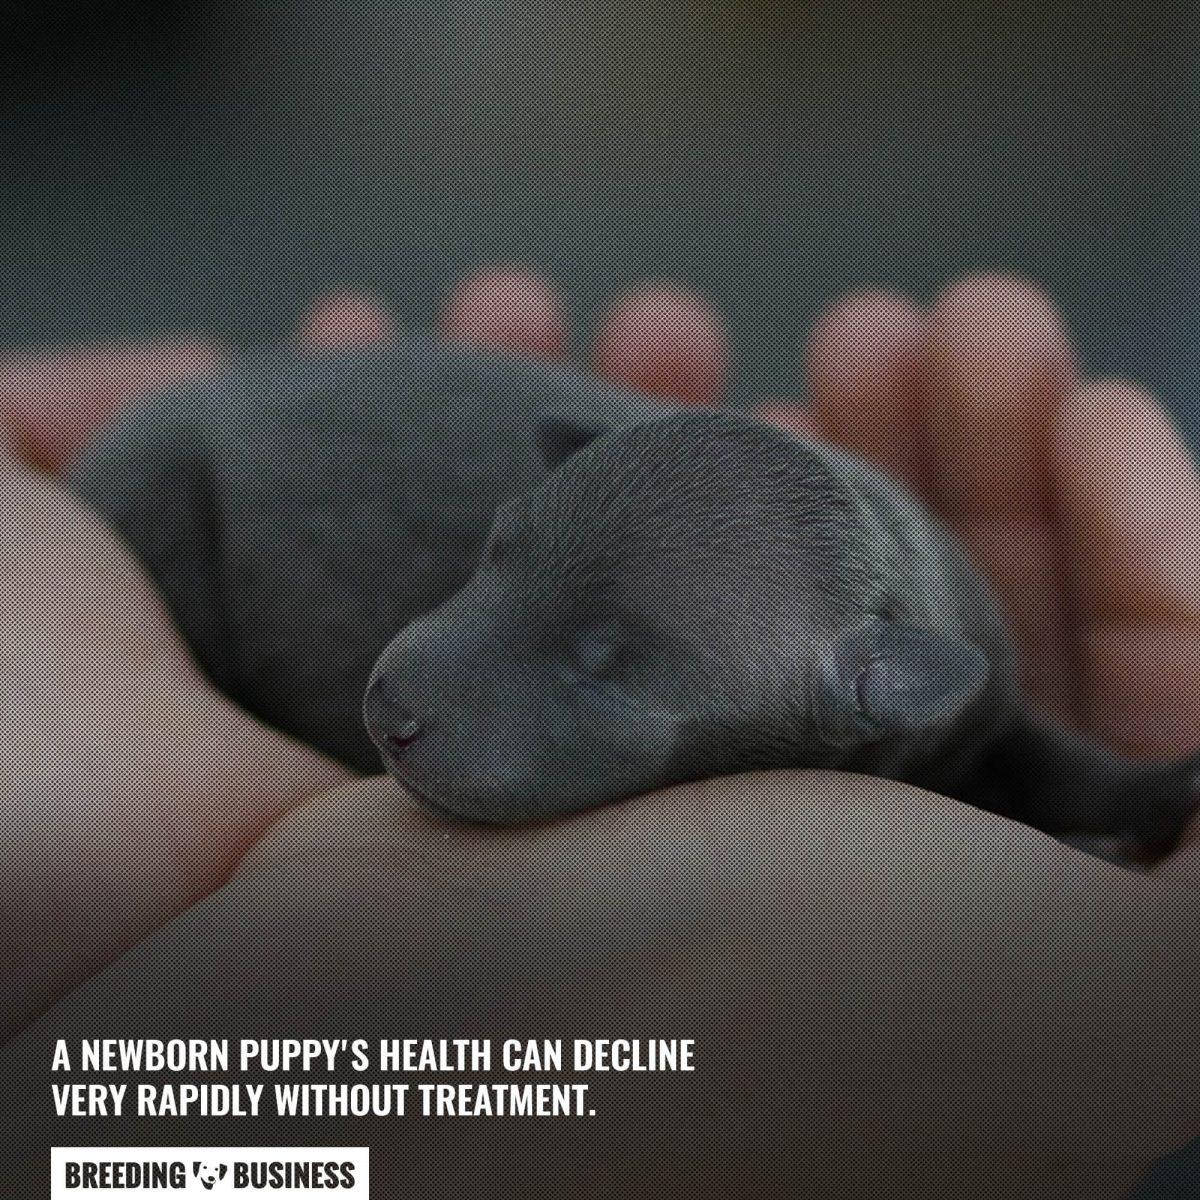 newborn puppy health decline